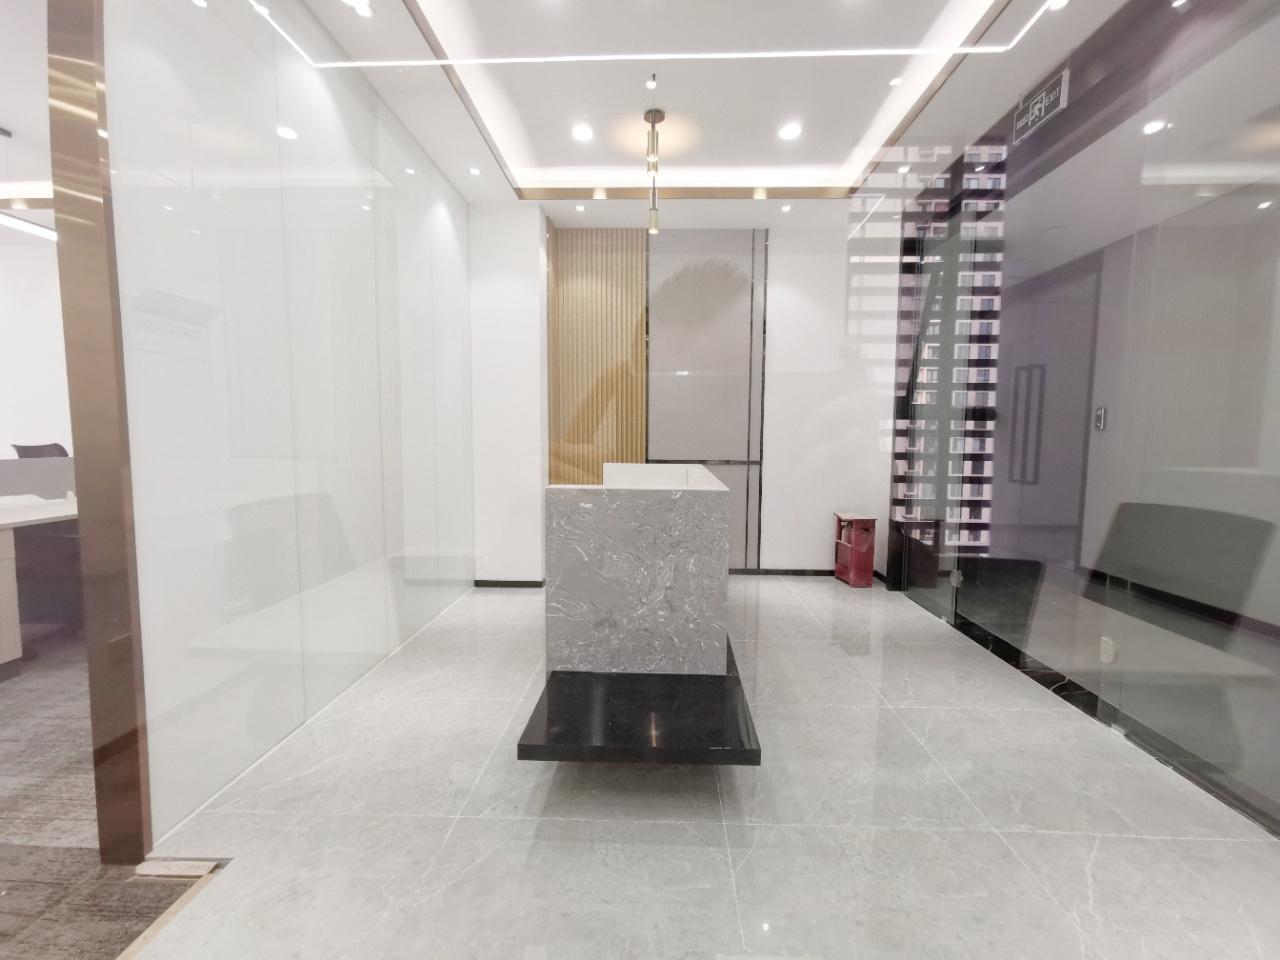 新川科技园!成都超图大厦 150.5平 3隔间+15位 双面采光